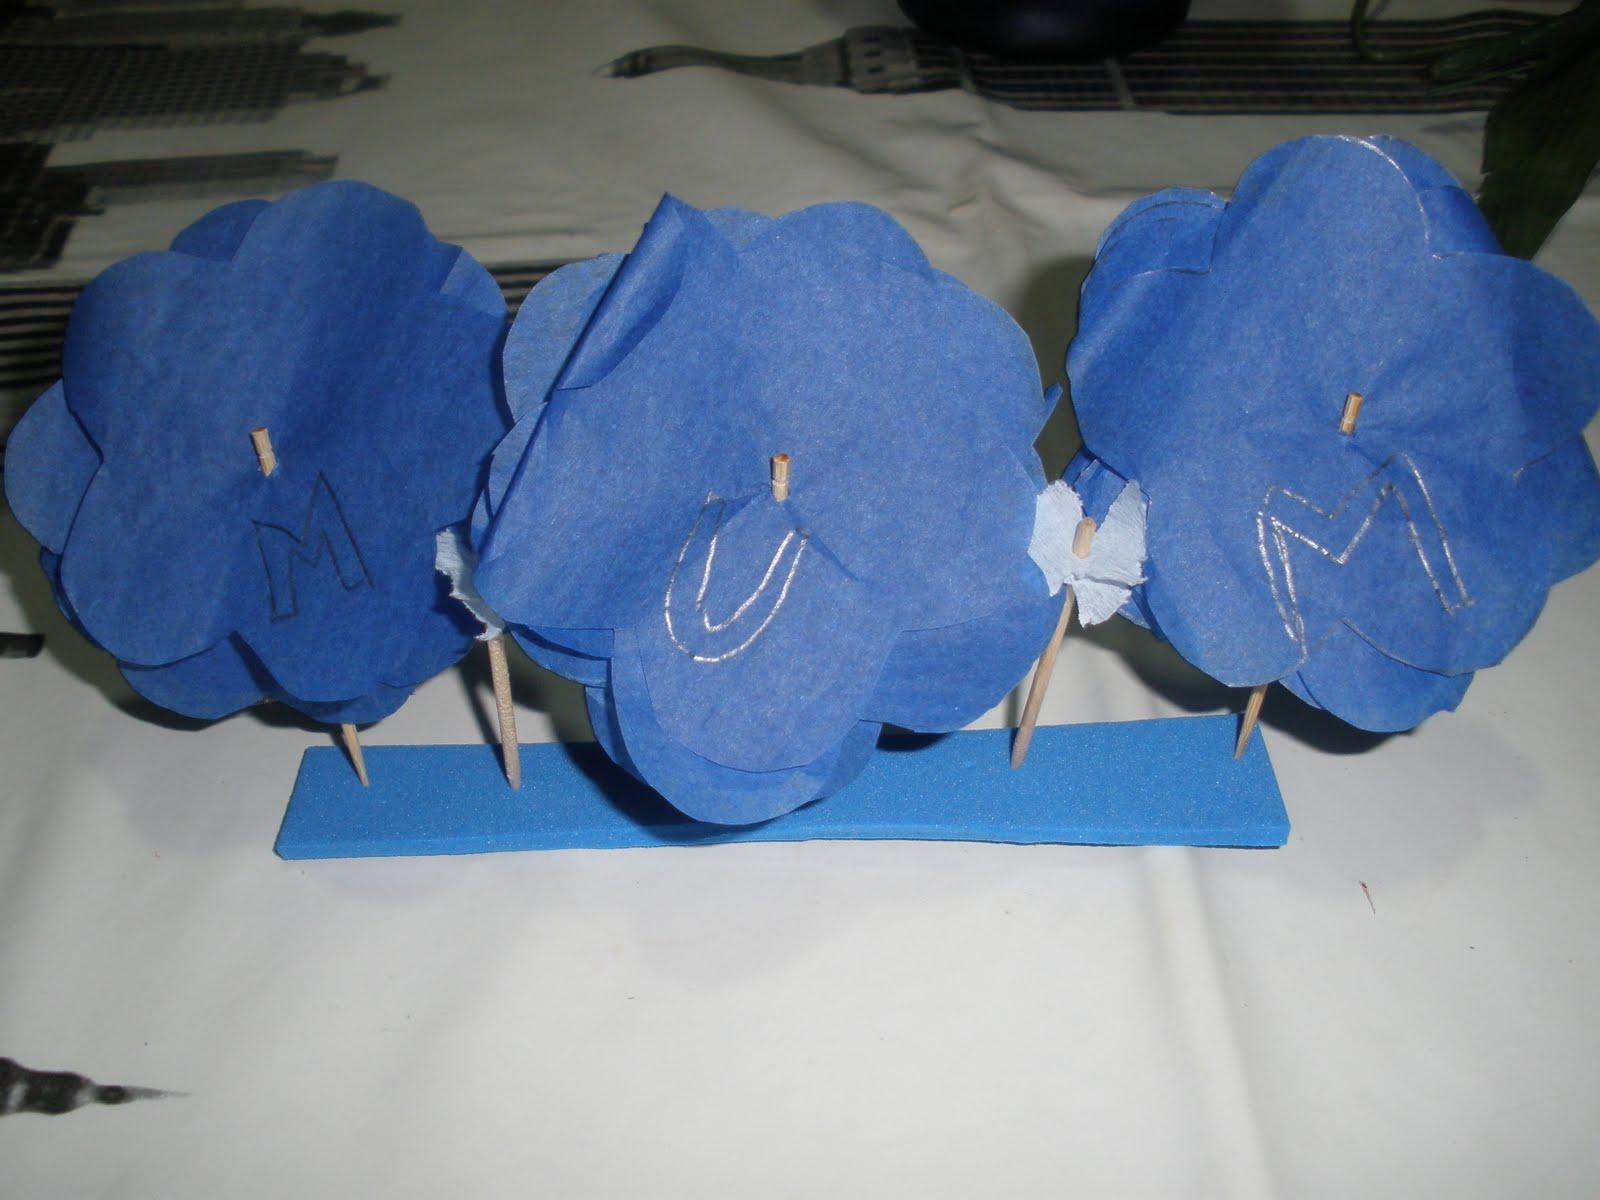 Es un centro de mesa hecho con goma eva y papel de seda(azul ,mi color